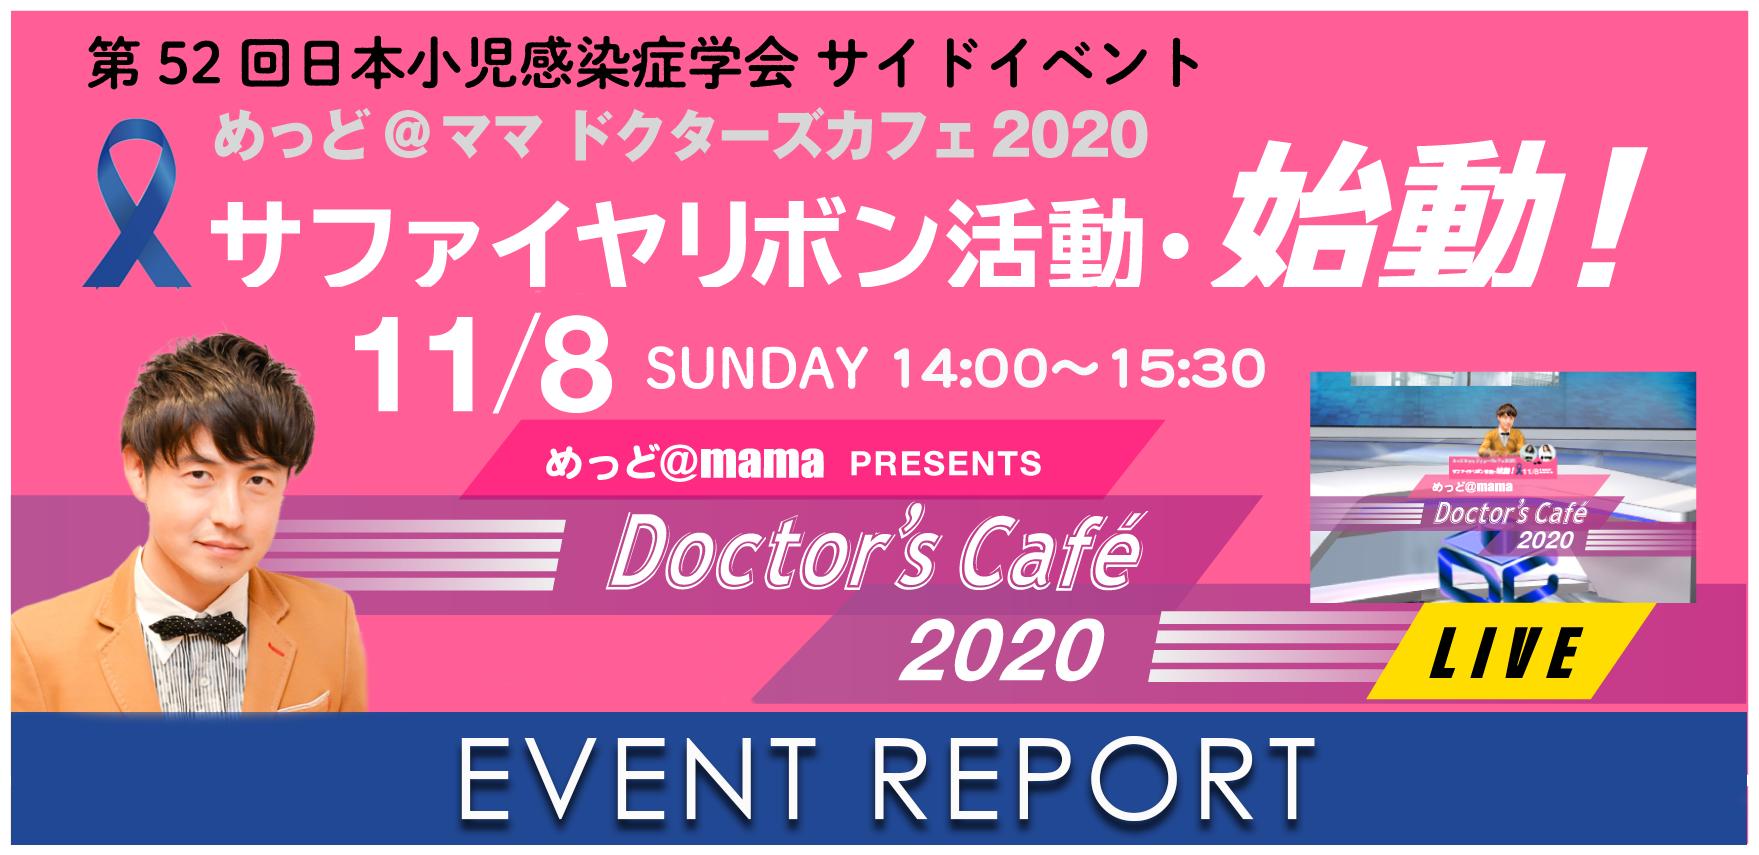 第52回日本小児科学会 サイドイベント